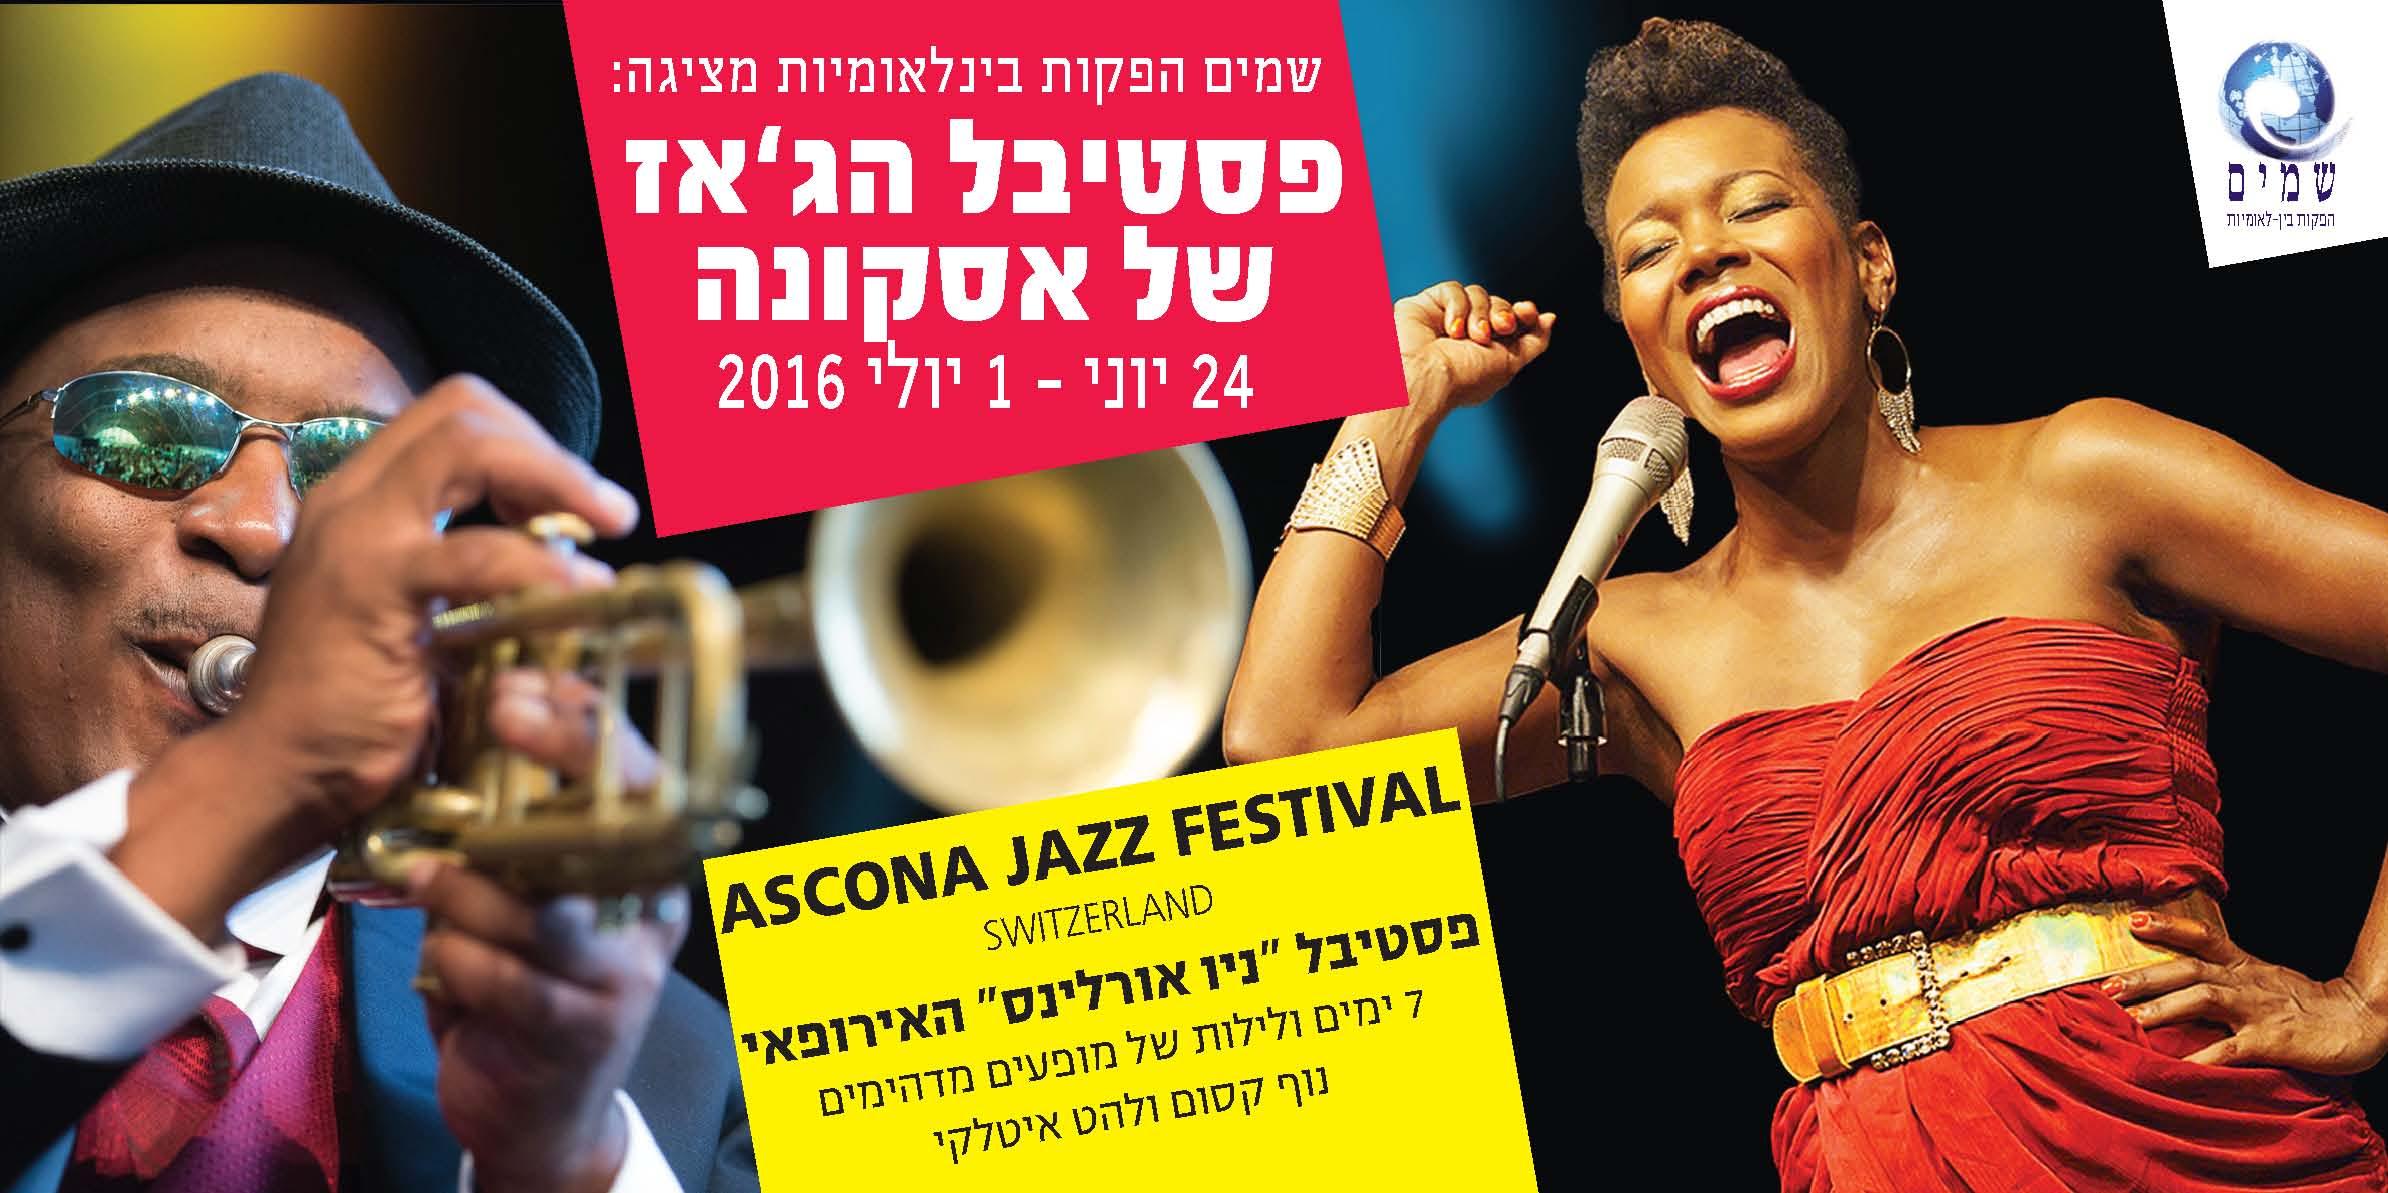 פסטיבל הג'אז באסקונה 2016